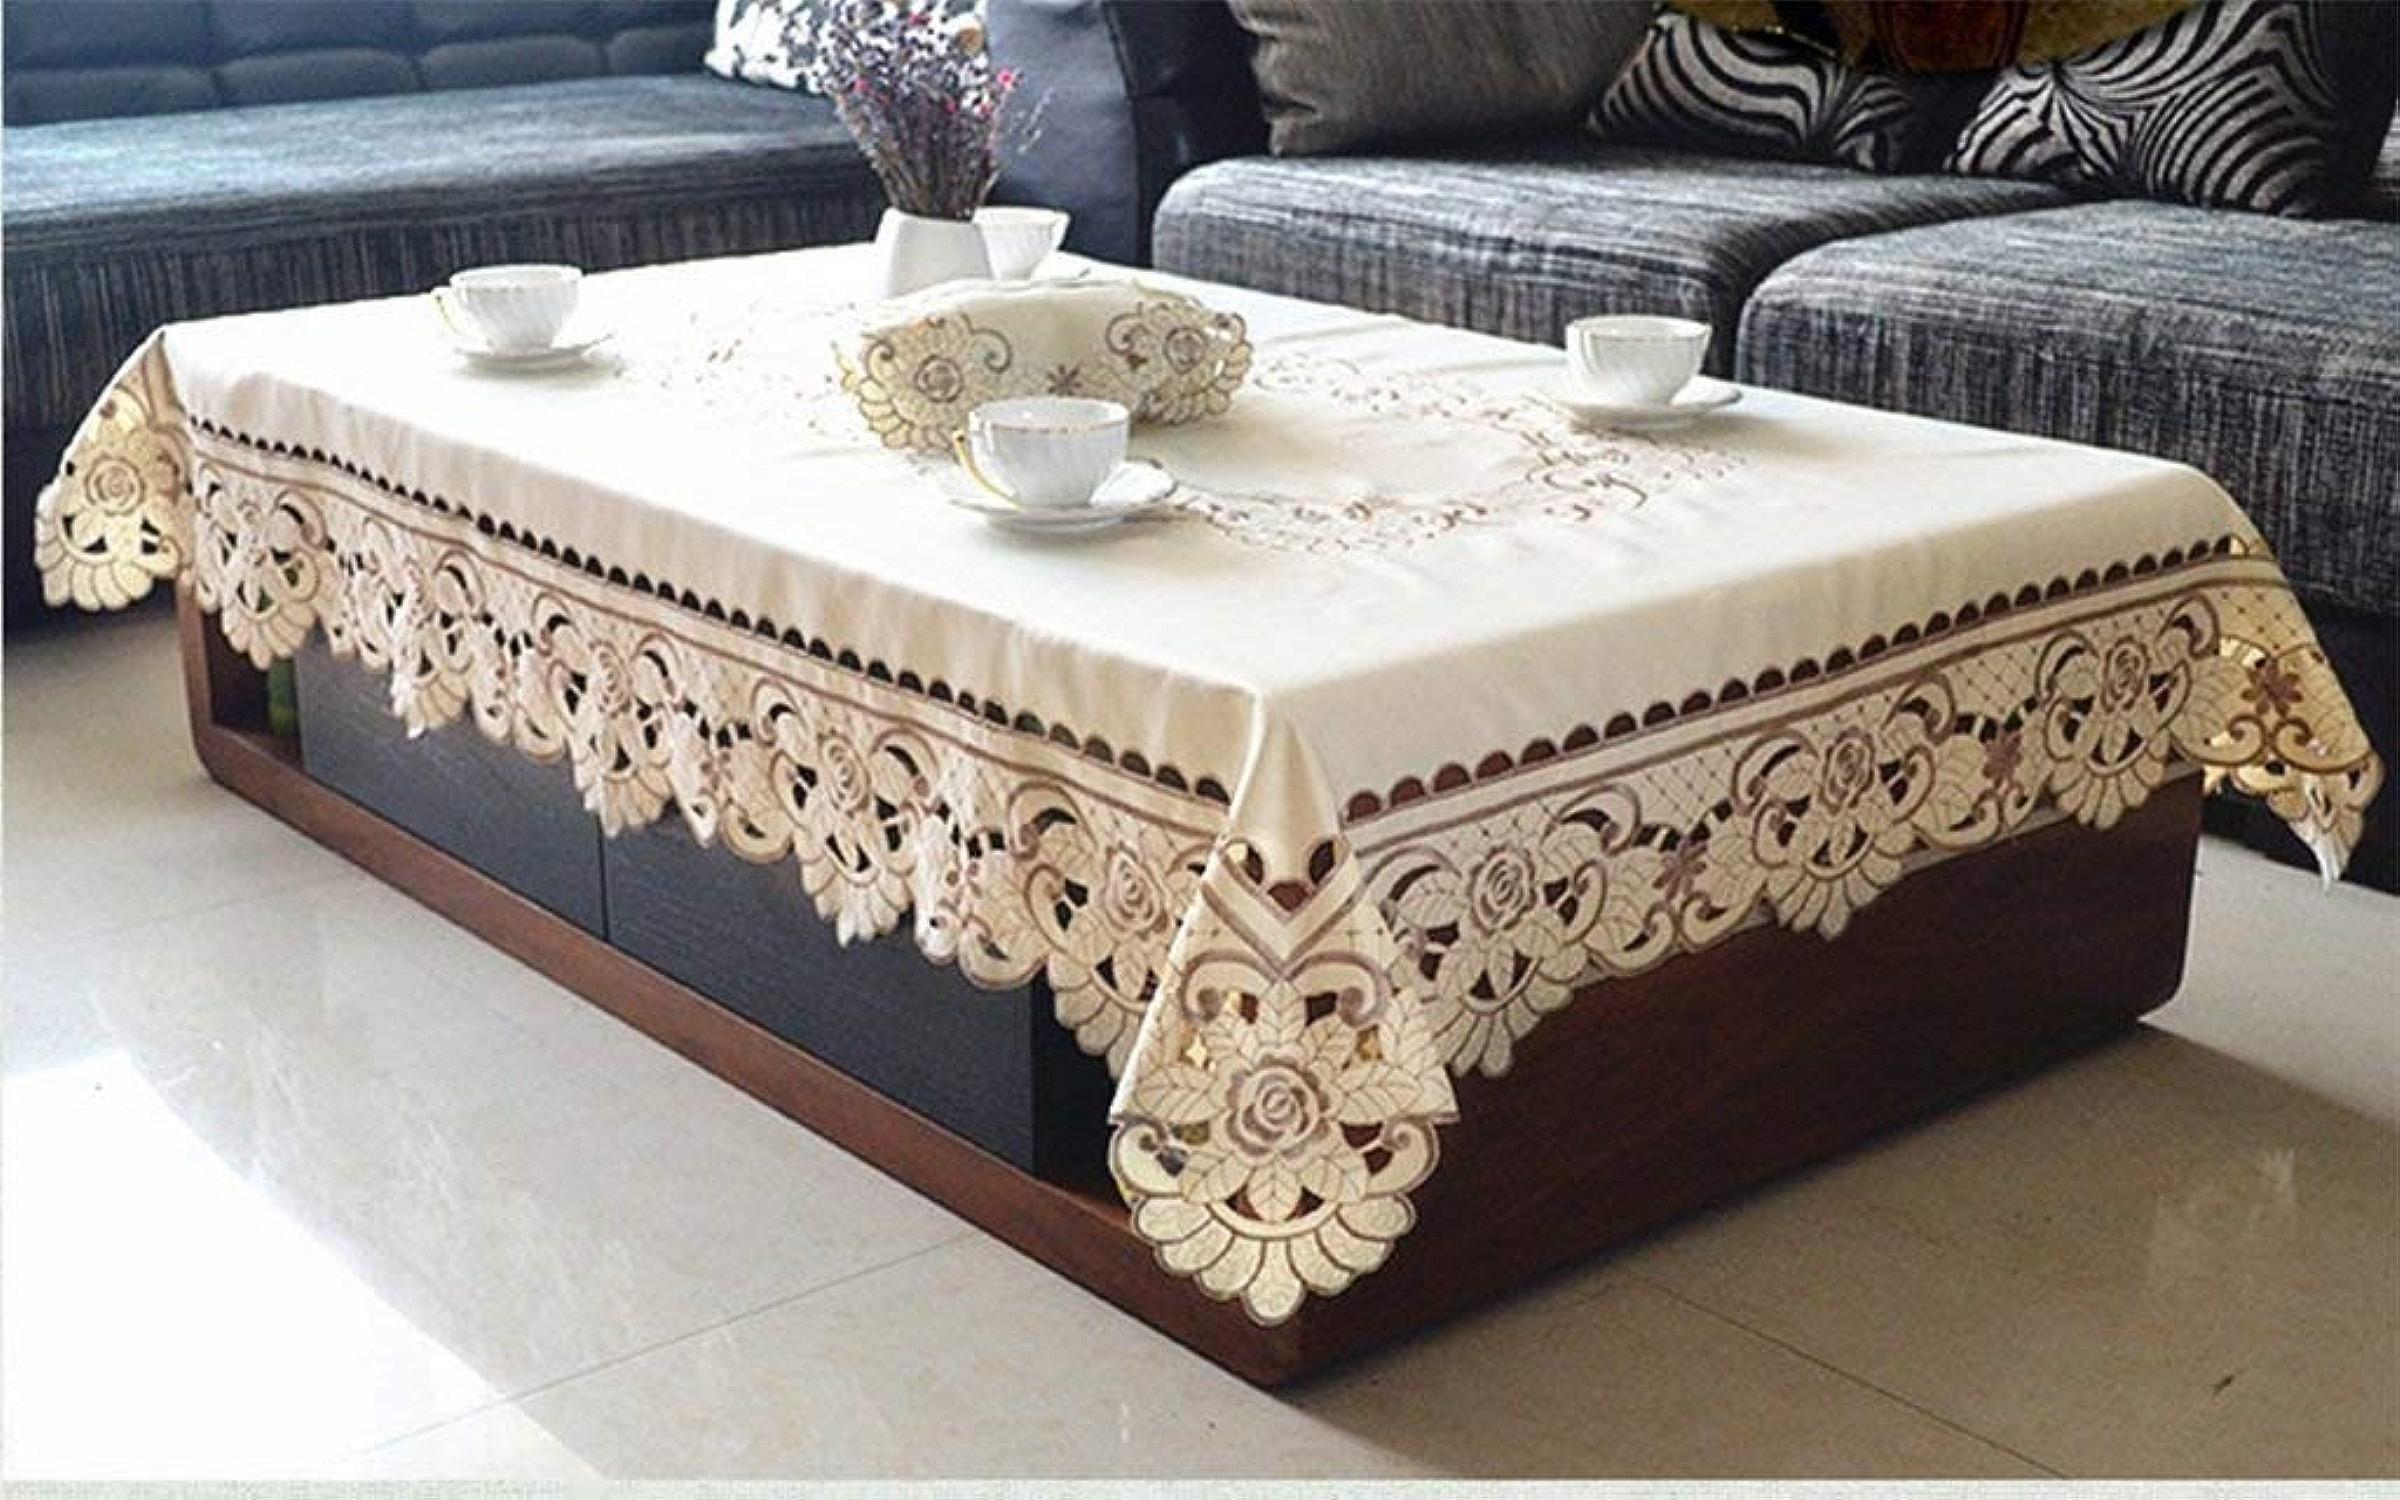 WG Table de salle à hommeger de style européen avec nappe de style nappe nappe de style cafe Table de tissu de table rectangulaire salon table à hommeger nappe voiturerée circulaire belle odeur de table bass